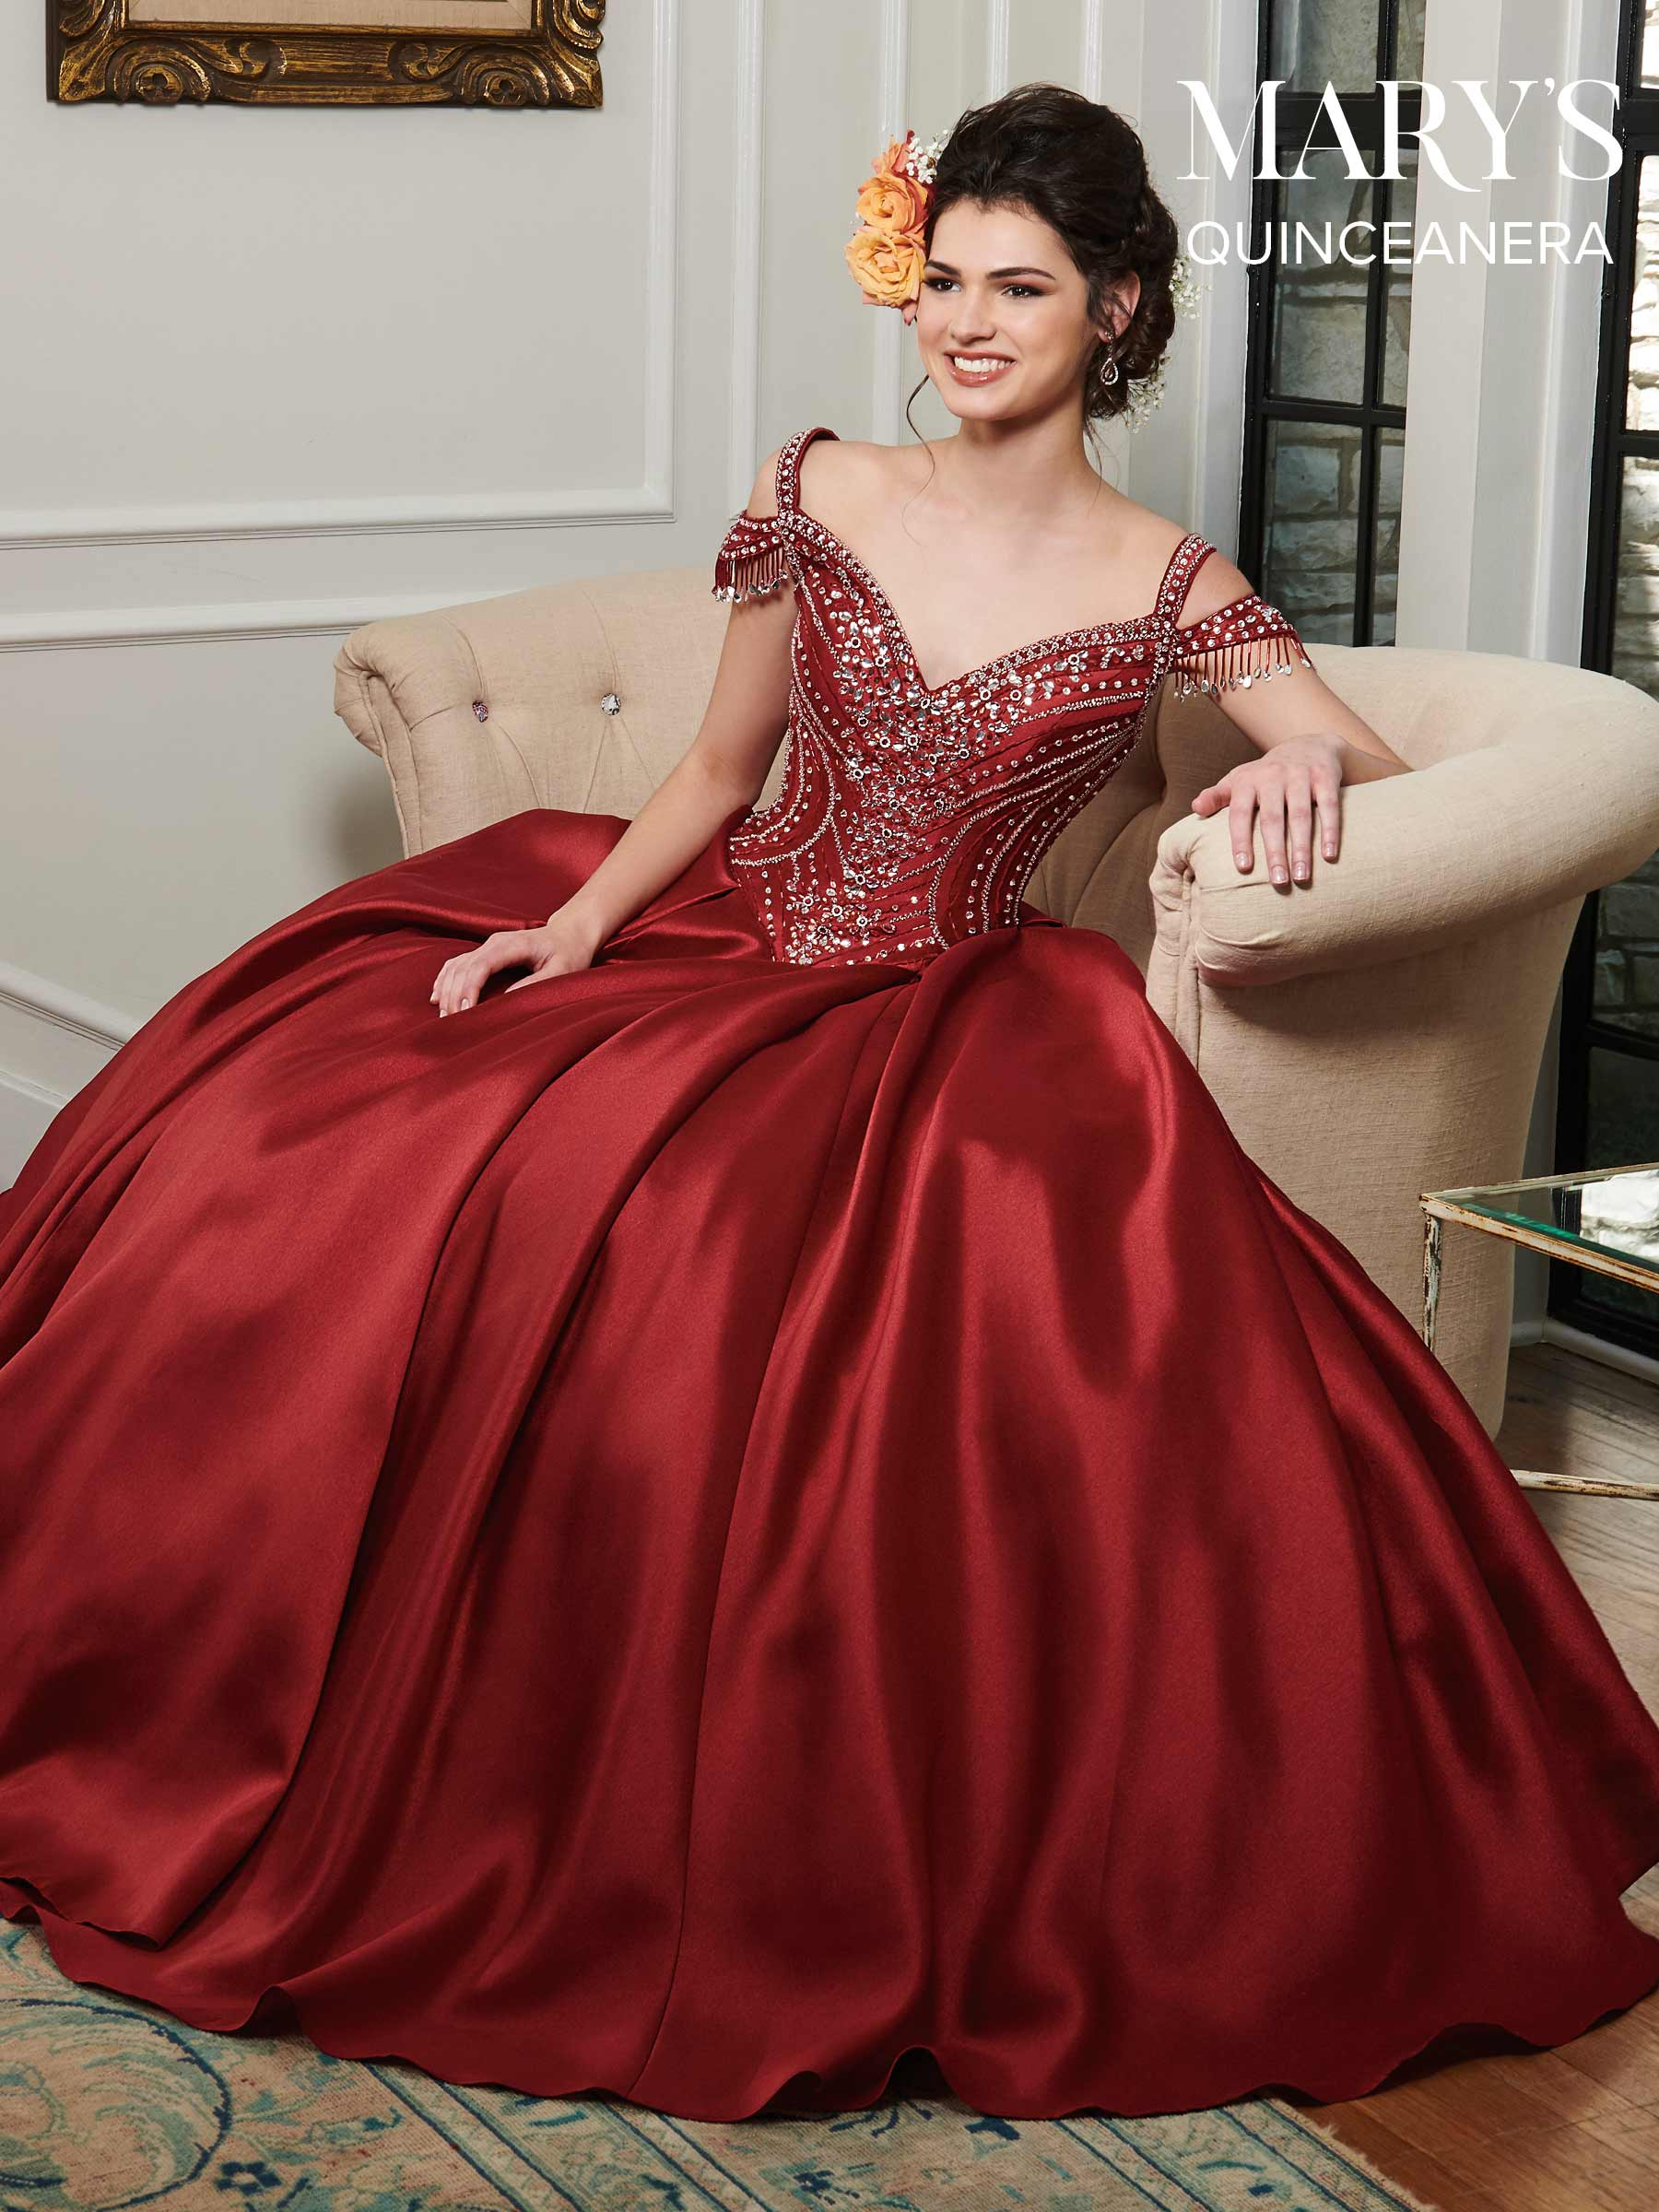 e5801fd404 Marys Quinceanera Dresses